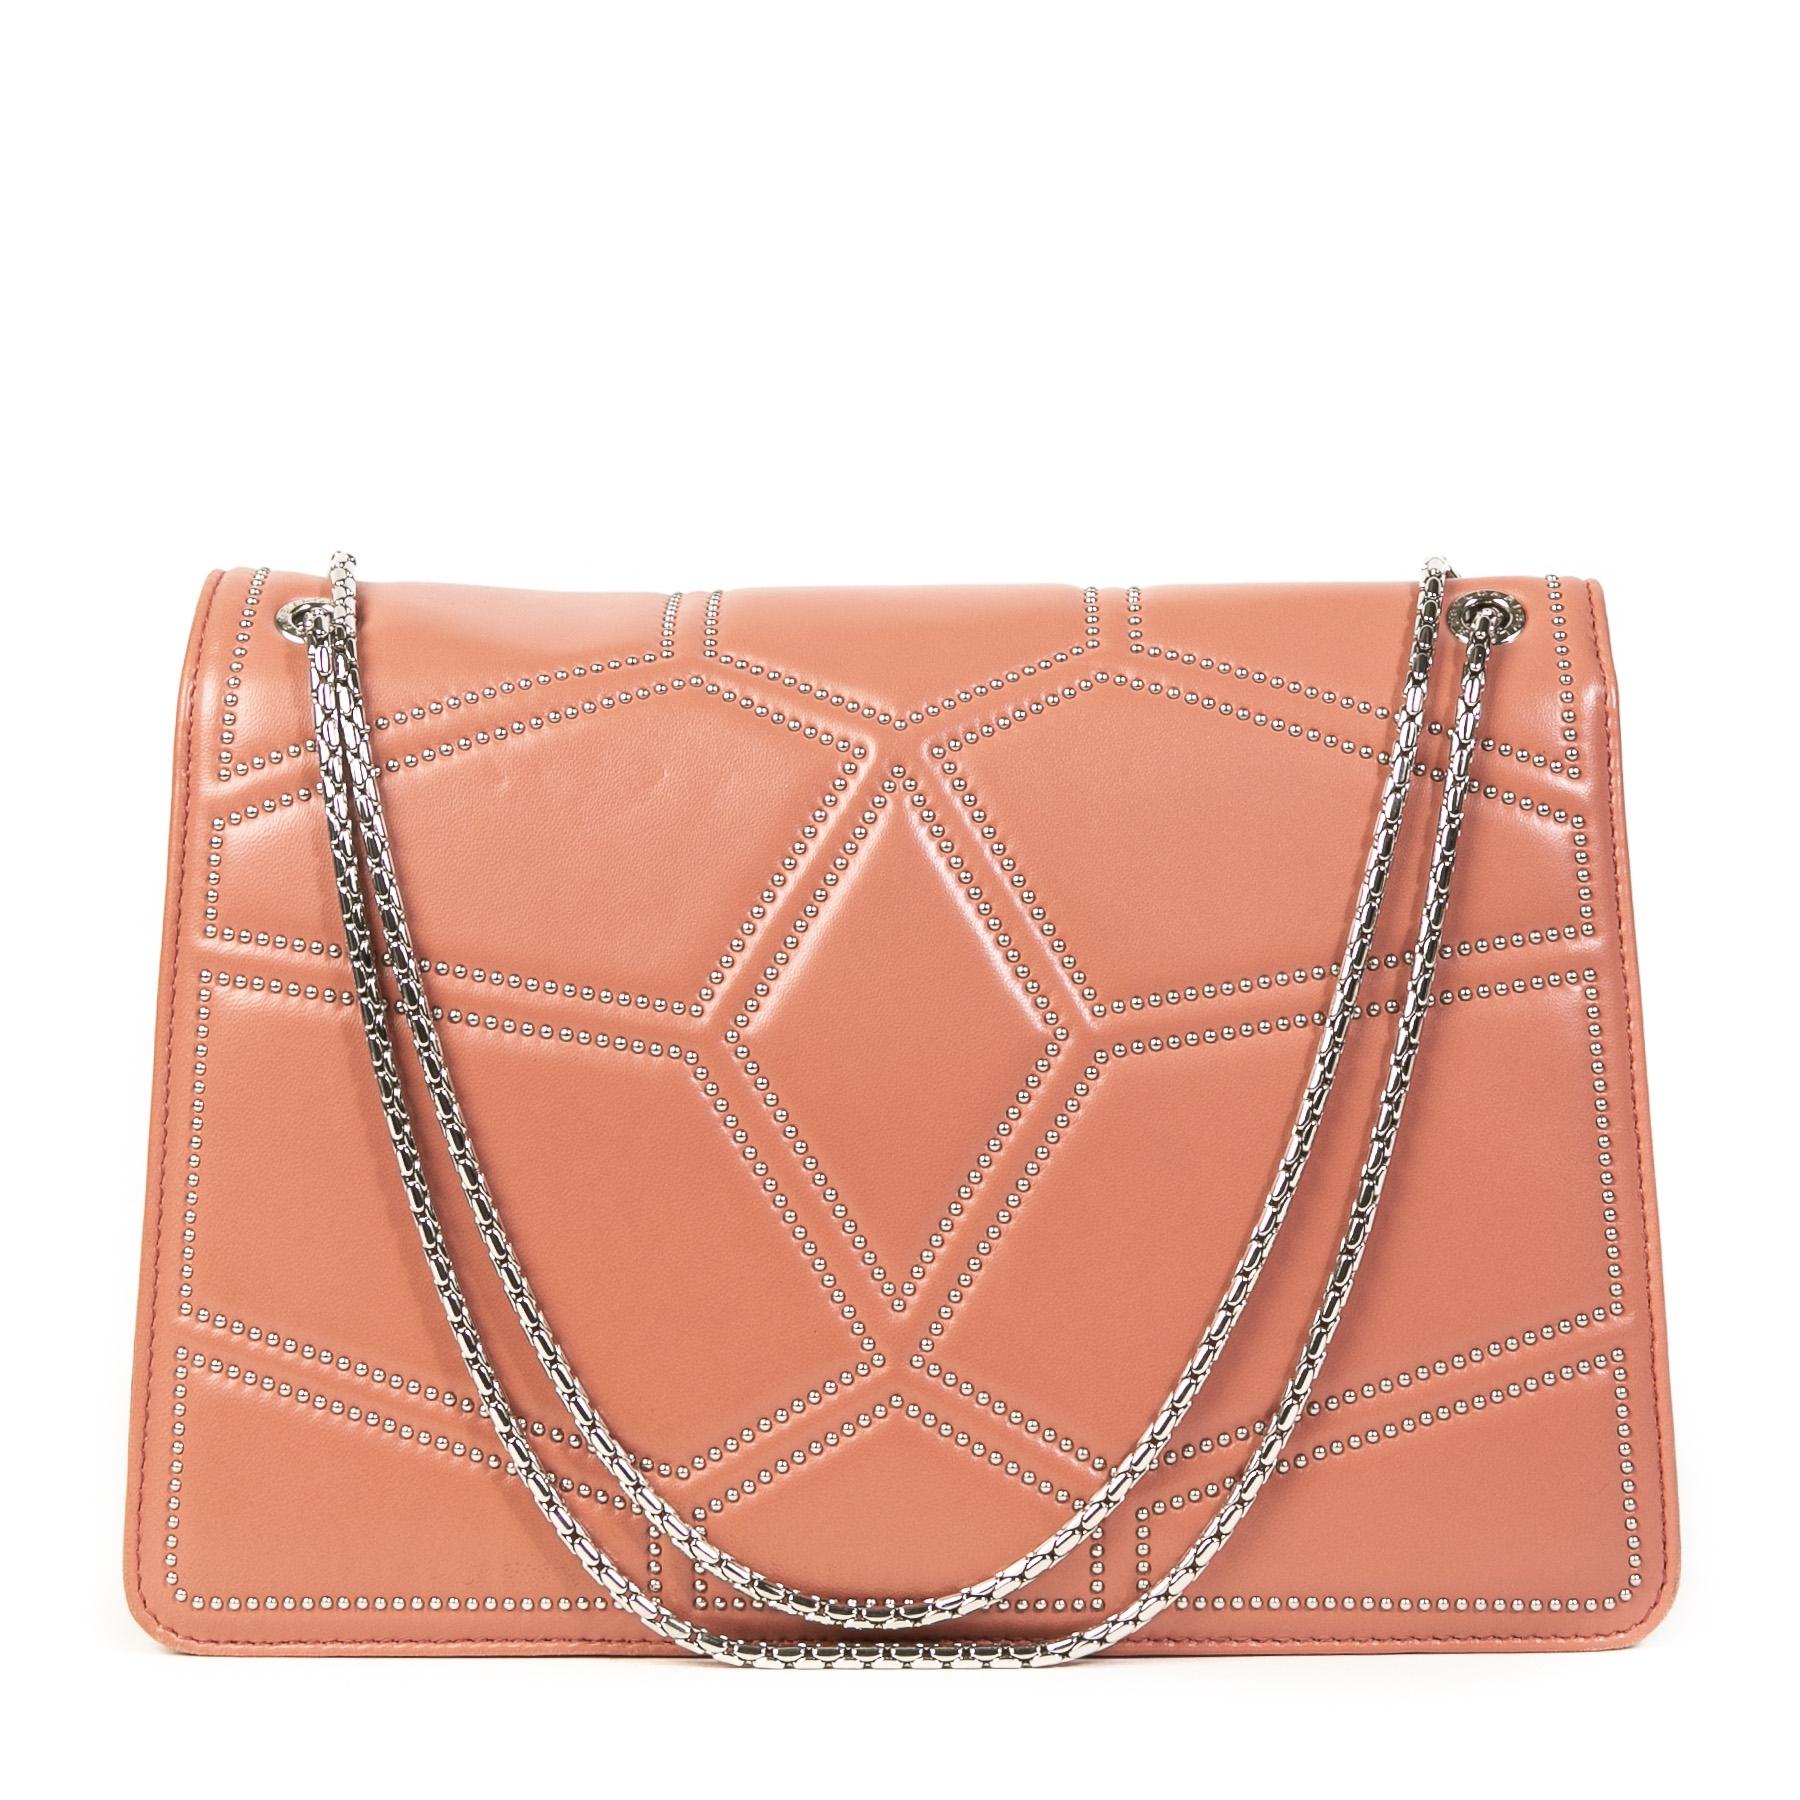 Authentieke Tweedehands Bulgari Pink Serpentine Flap Bag juiste prijs veilig online shoppen luxe merken webshop winkelen Antwerpen België mode fashion